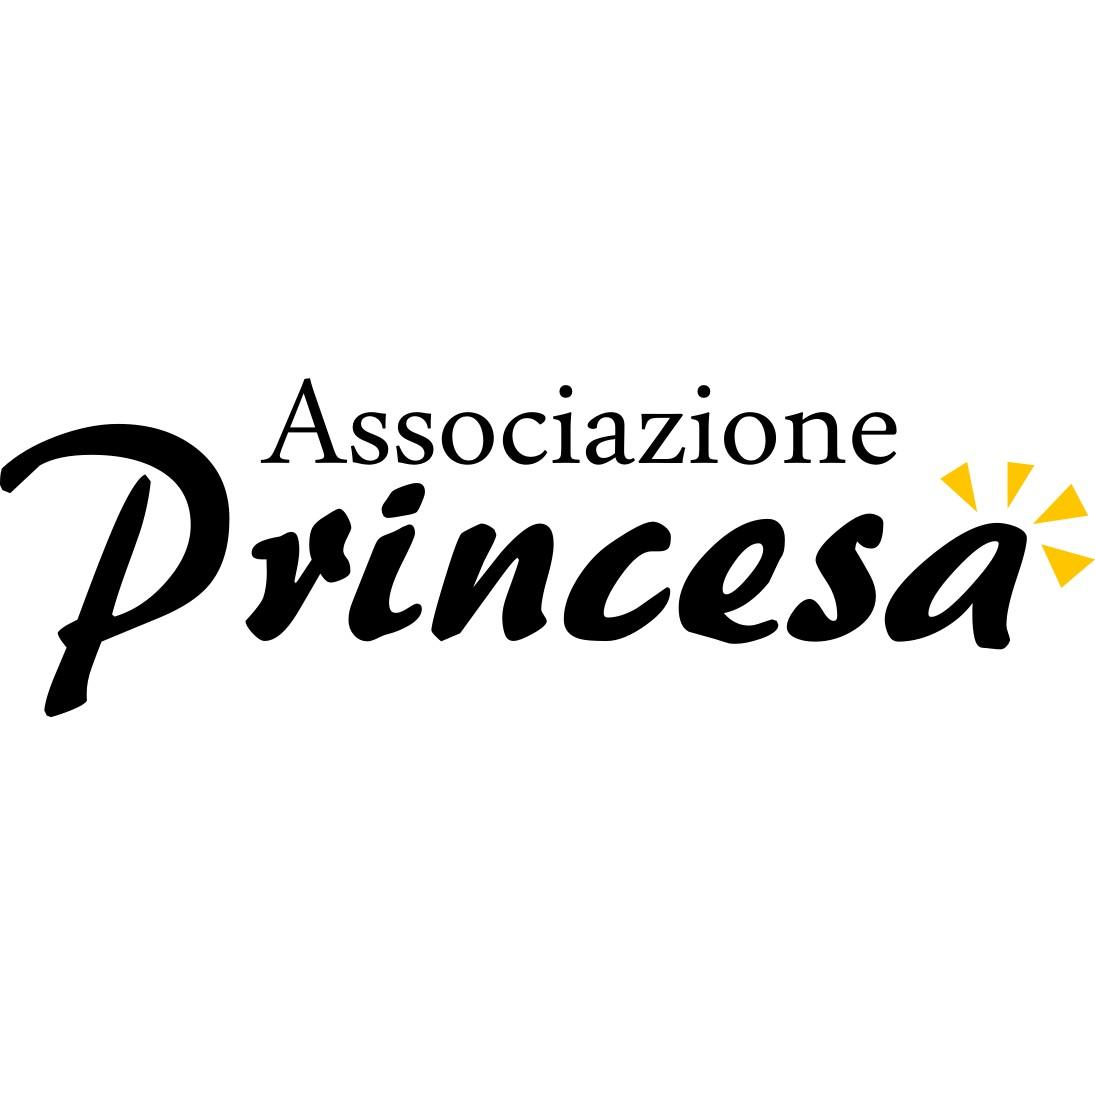 Associazione Princesa